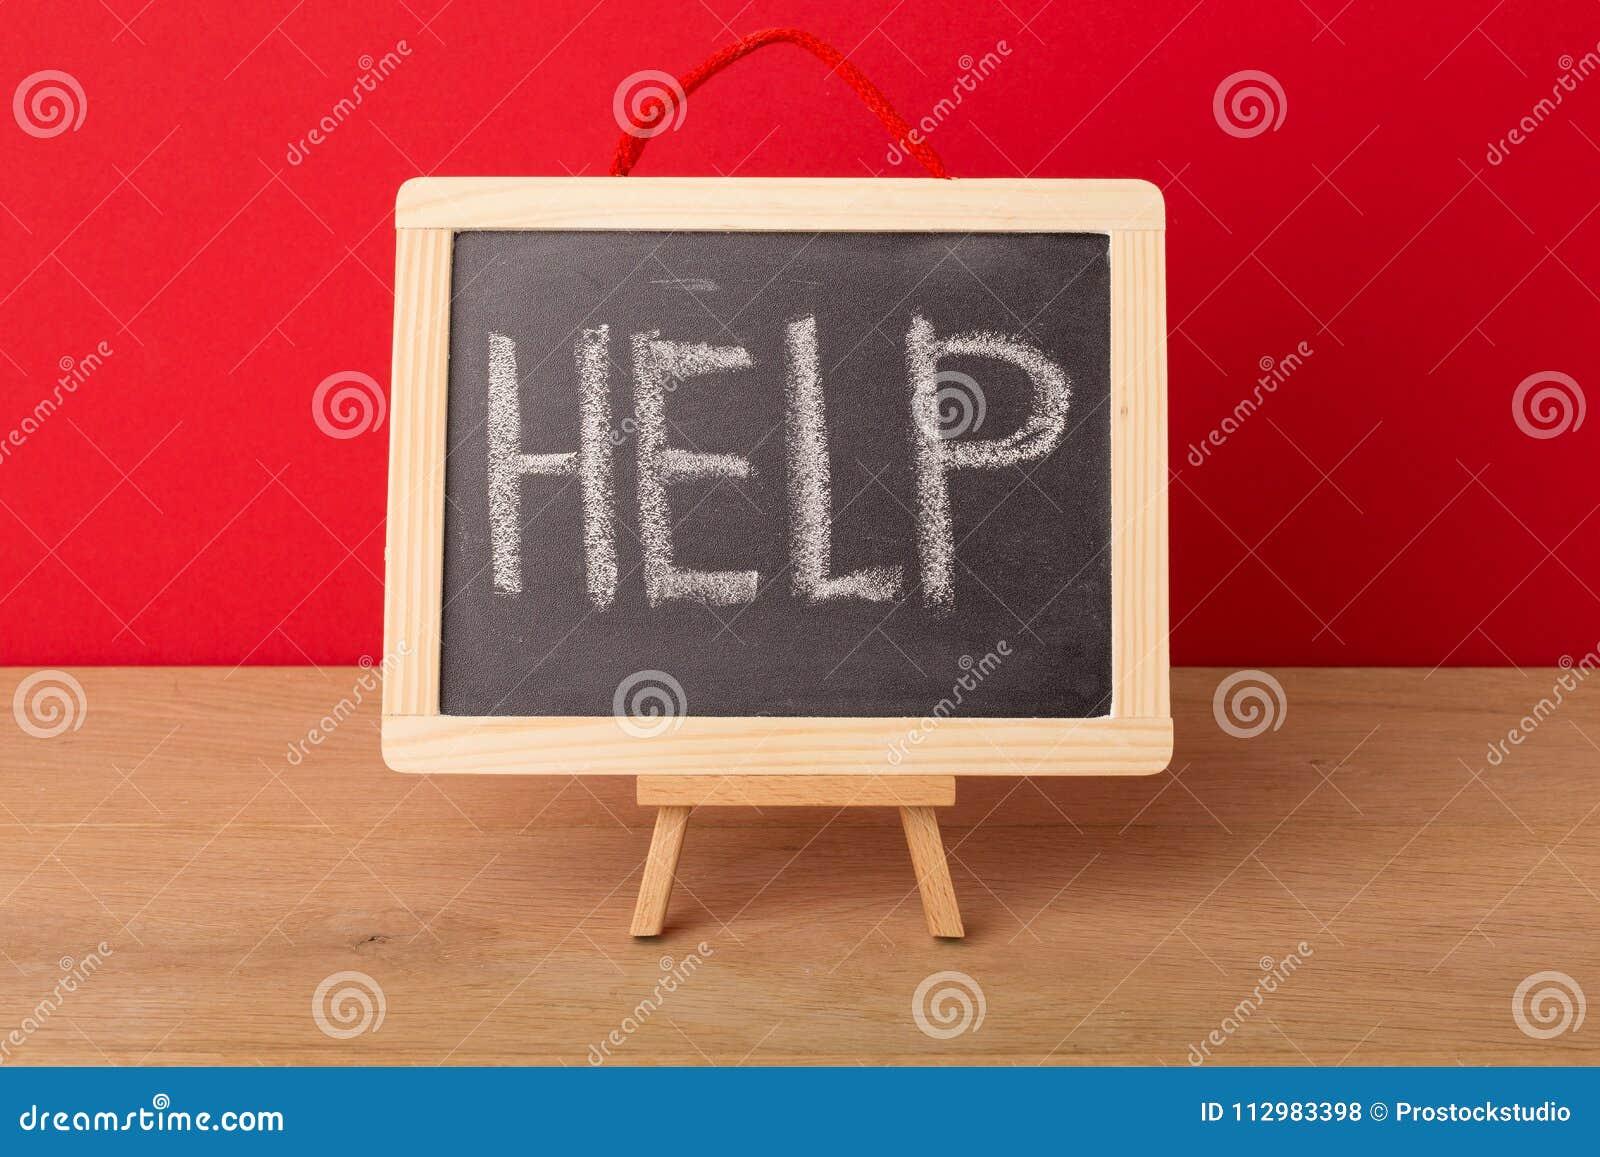 Help word written on school blackboard